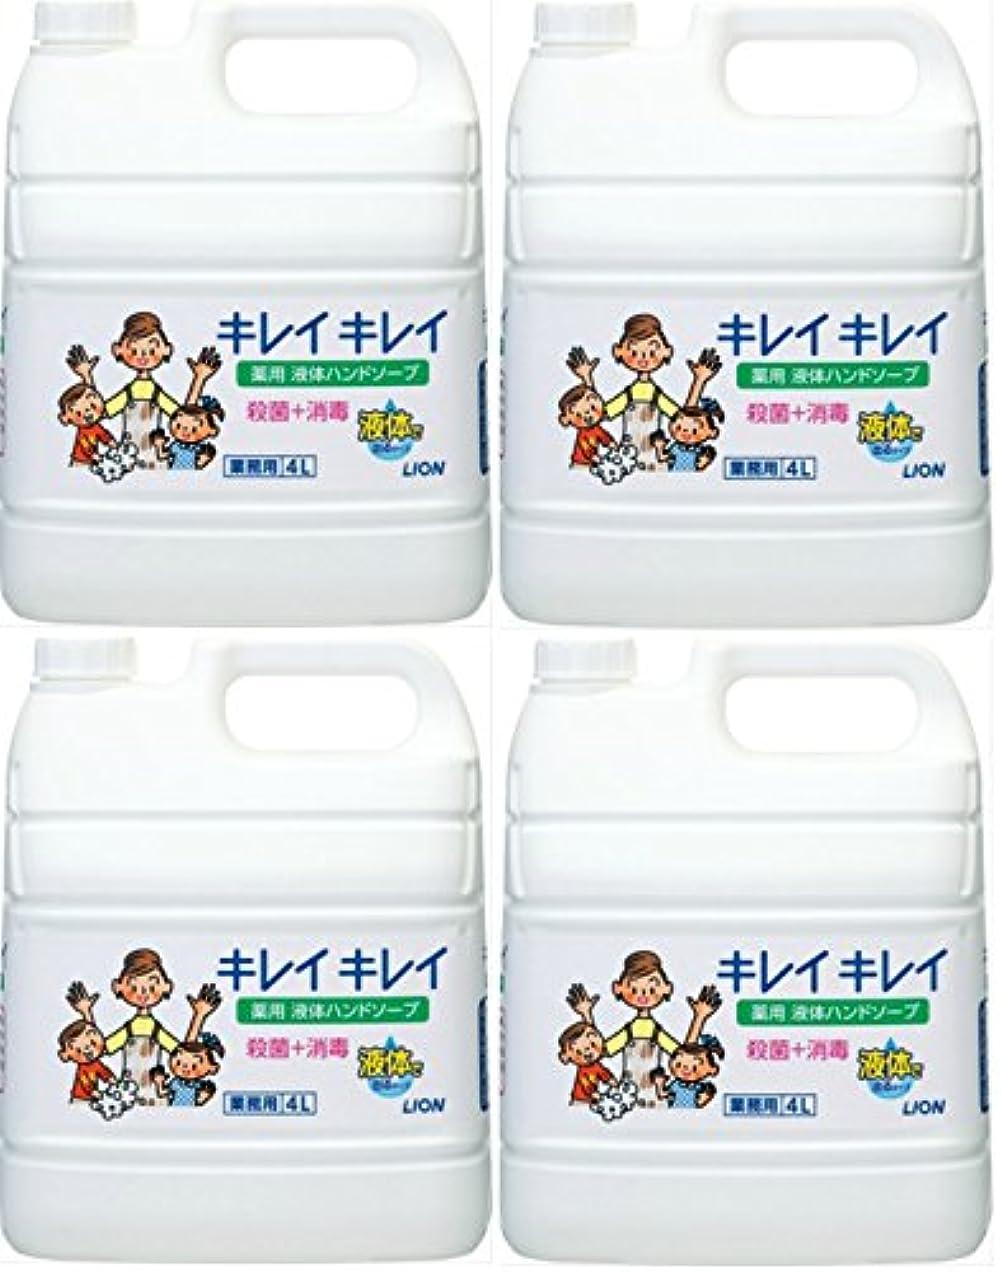 【まとめ買い】【業務用 大容量】キレイキレイ 薬用 ハンドソープ 4L(医薬部外品)×4個